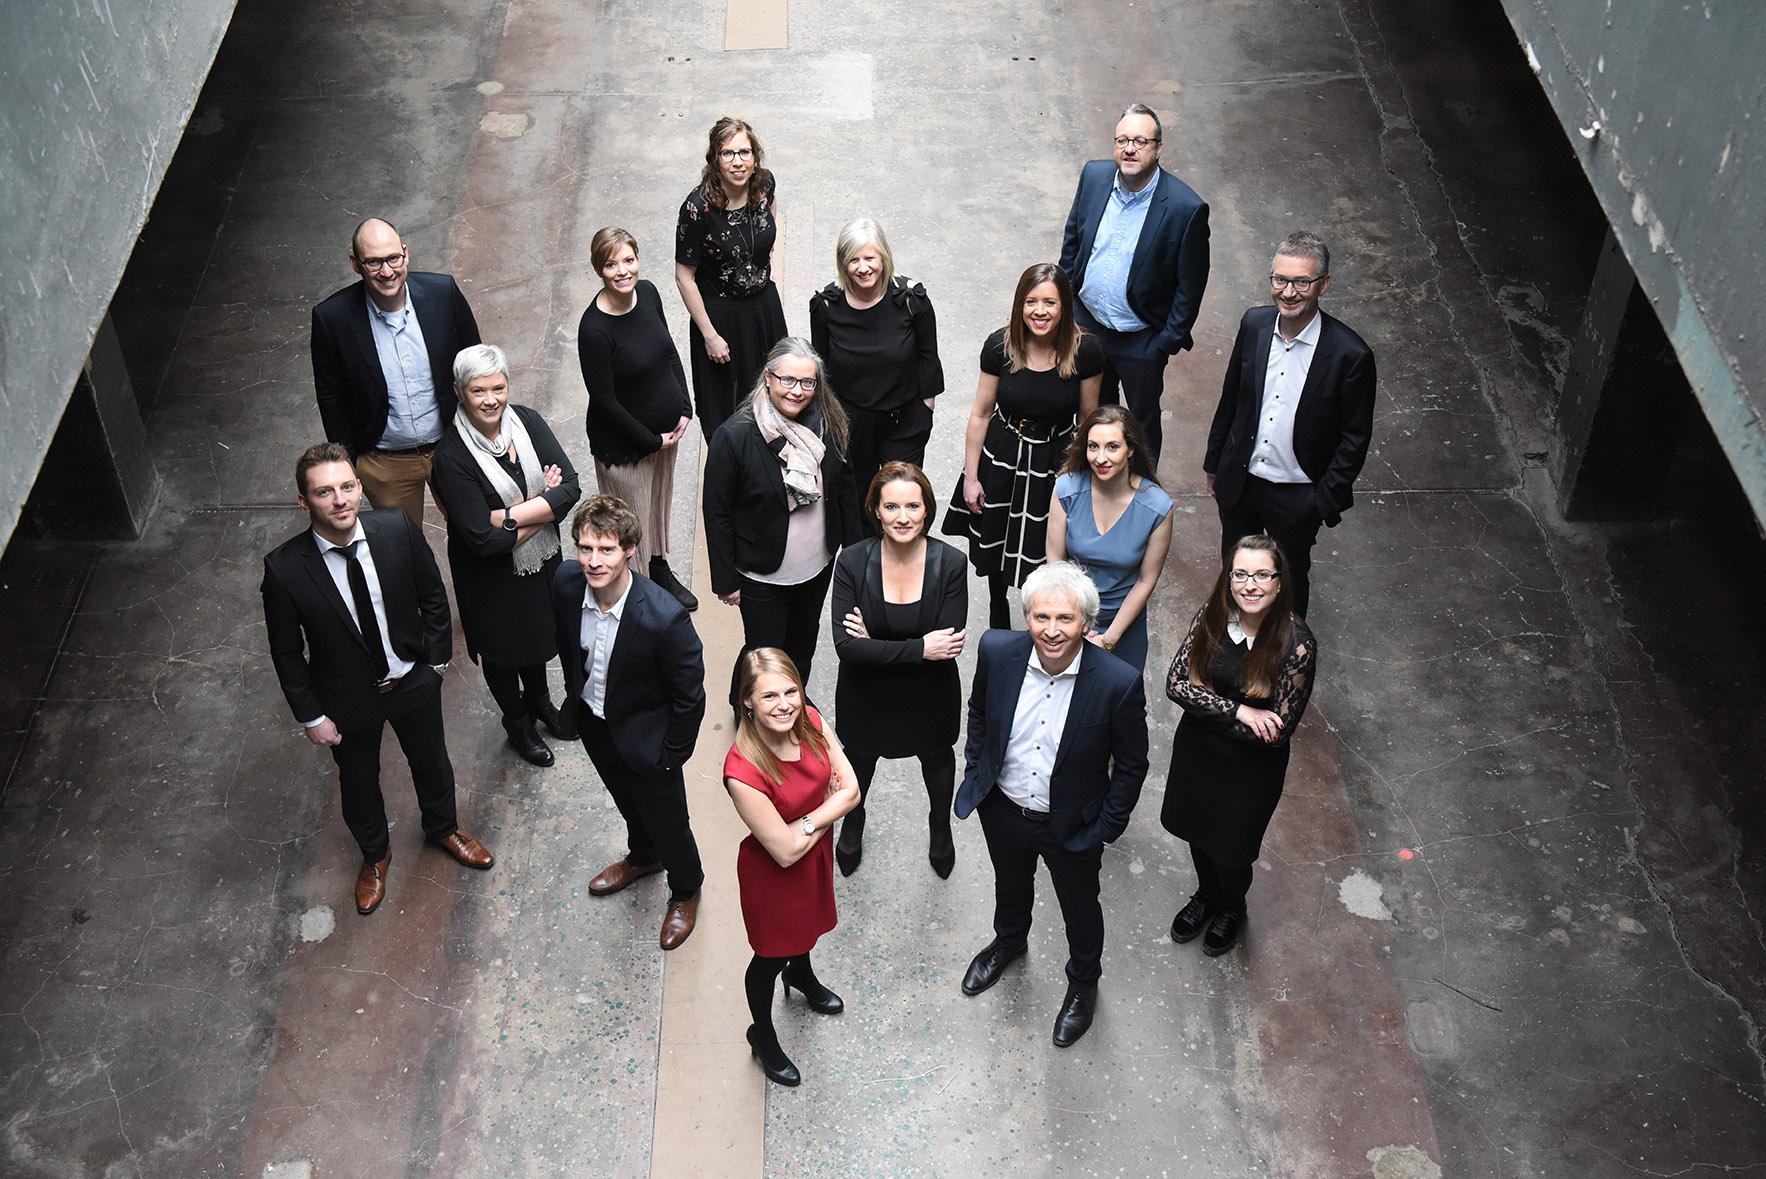 Nieuwe naam luidt nieuw hoofdstuk in voor Limburgs advocatenkantoor